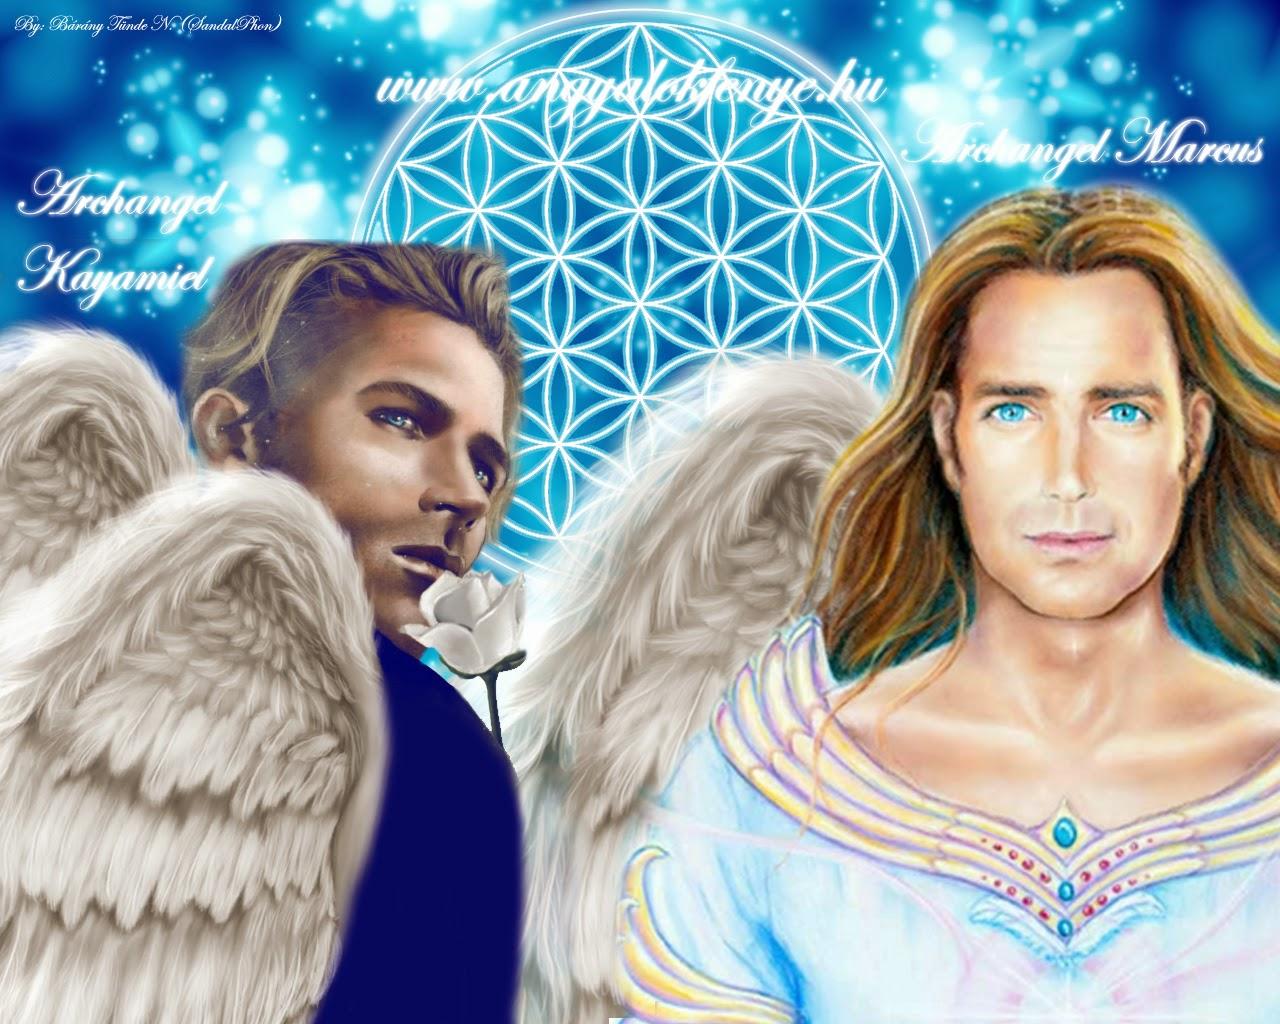 Egy angyalcsoport élményei /Kayamiel és Marcus arkangyal/